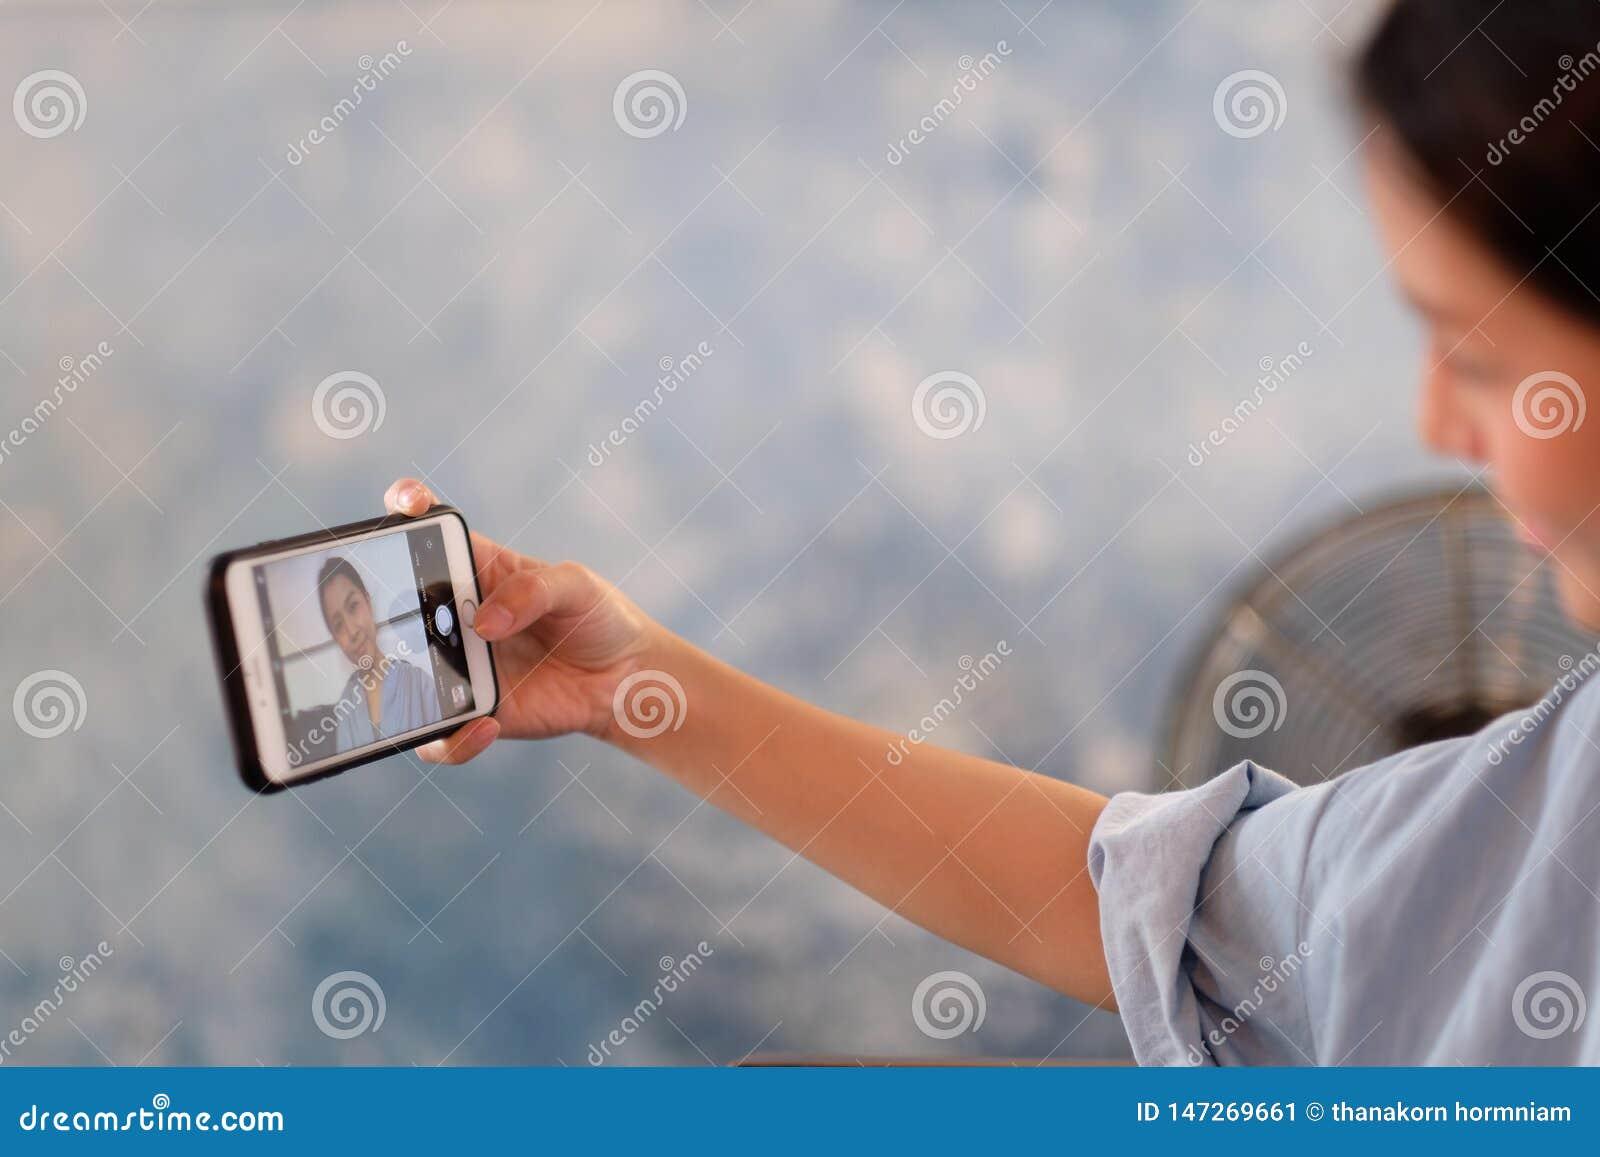 Fotografie mit einem Handy